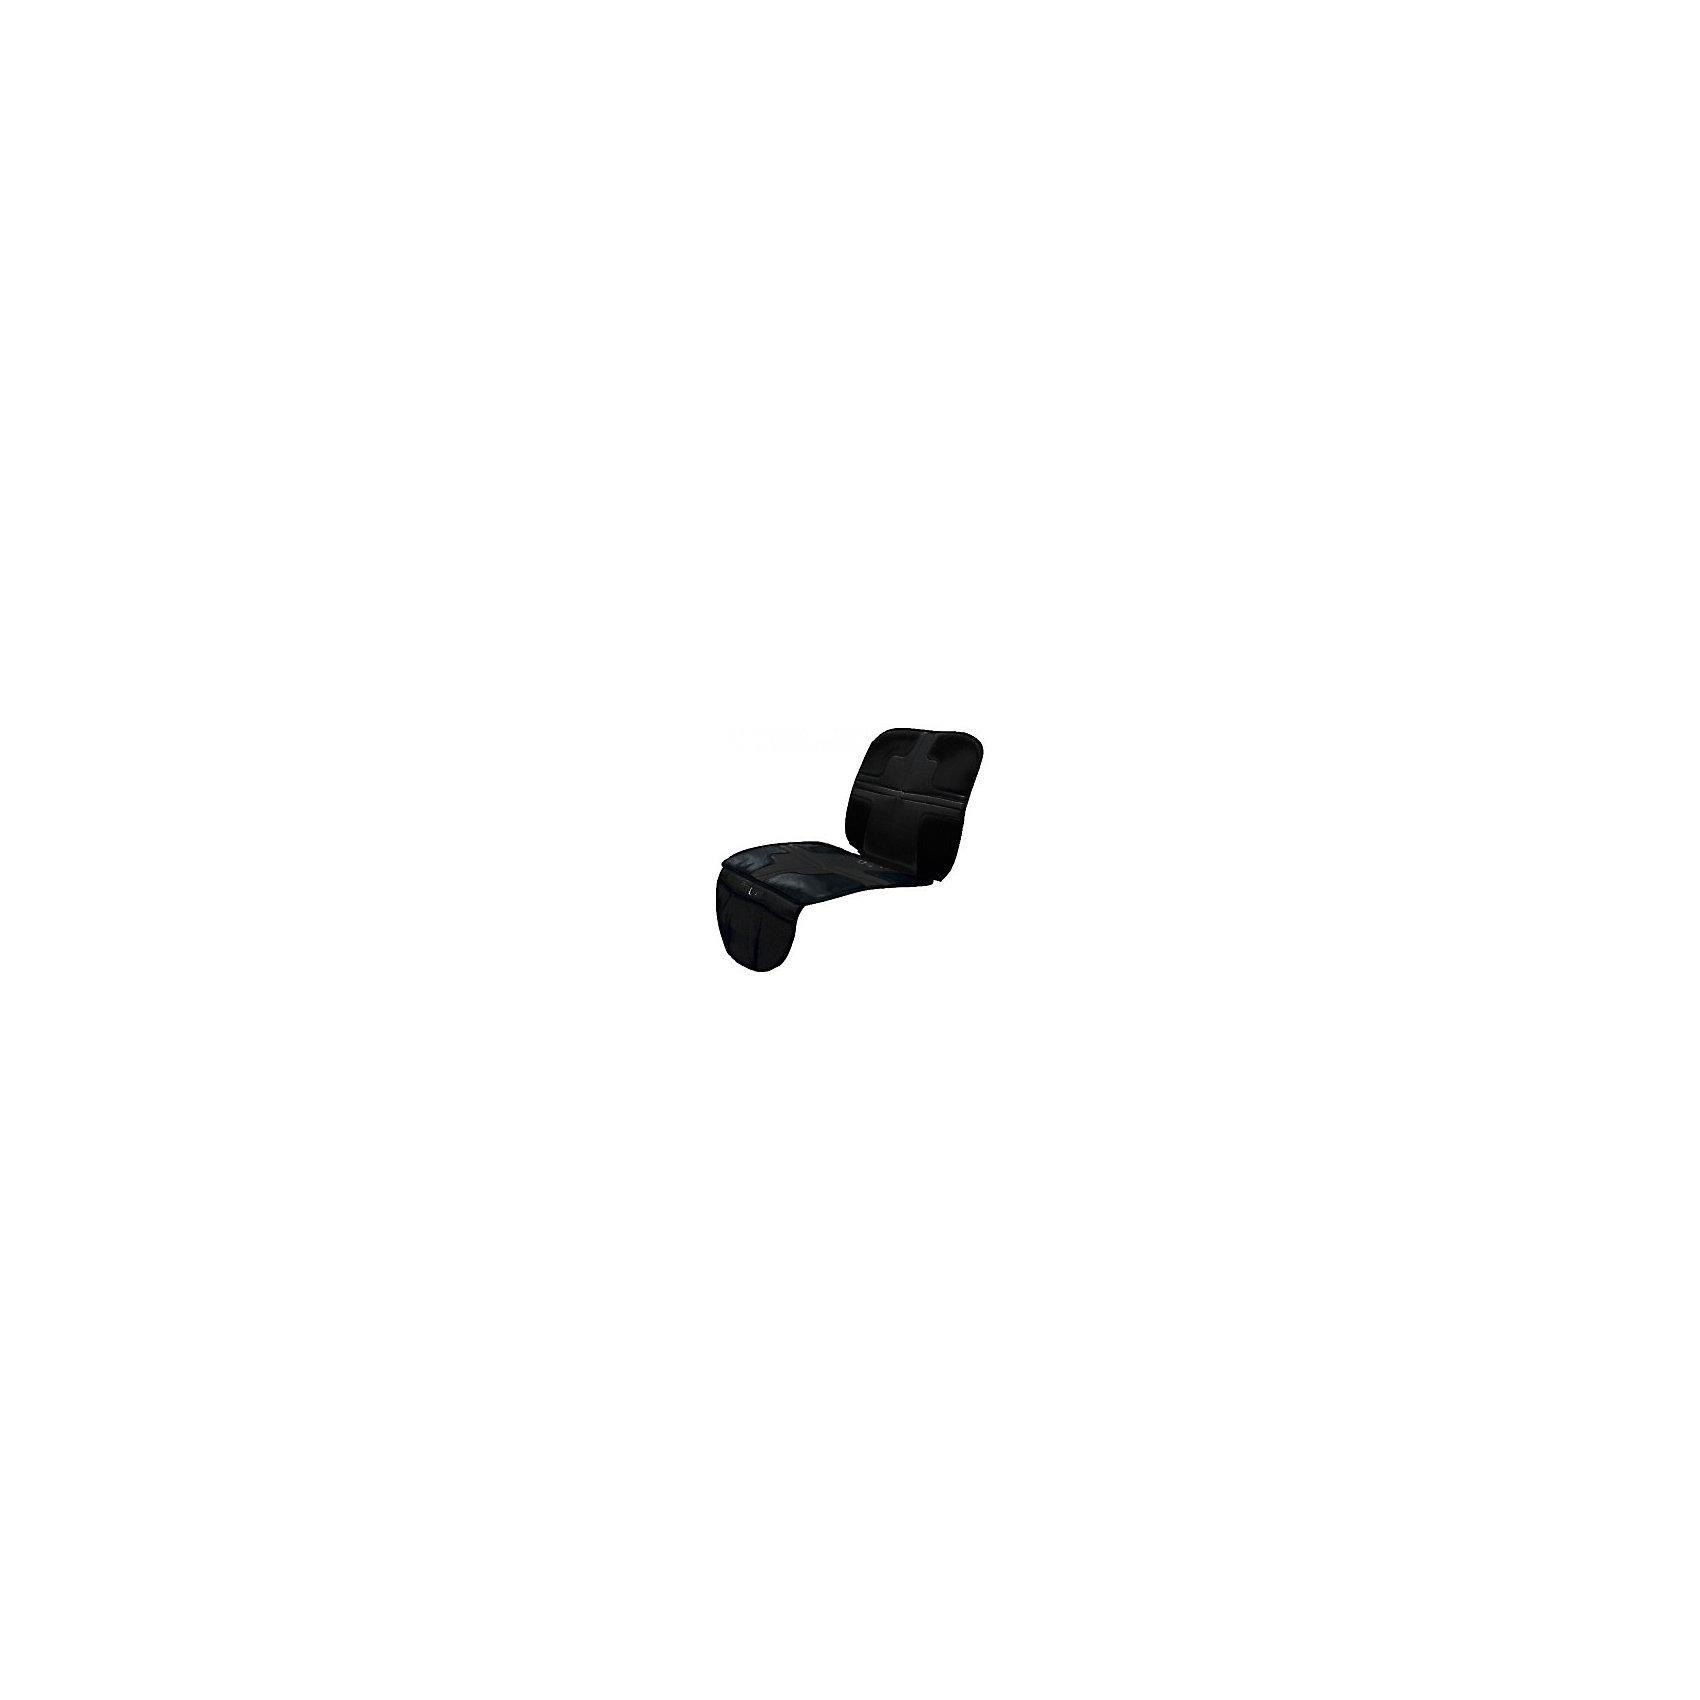 Welldon Набор коврик + органайзер, Welldon, черный органайзер little tikes органайзер карман для детских принадлежностей seat pal серый